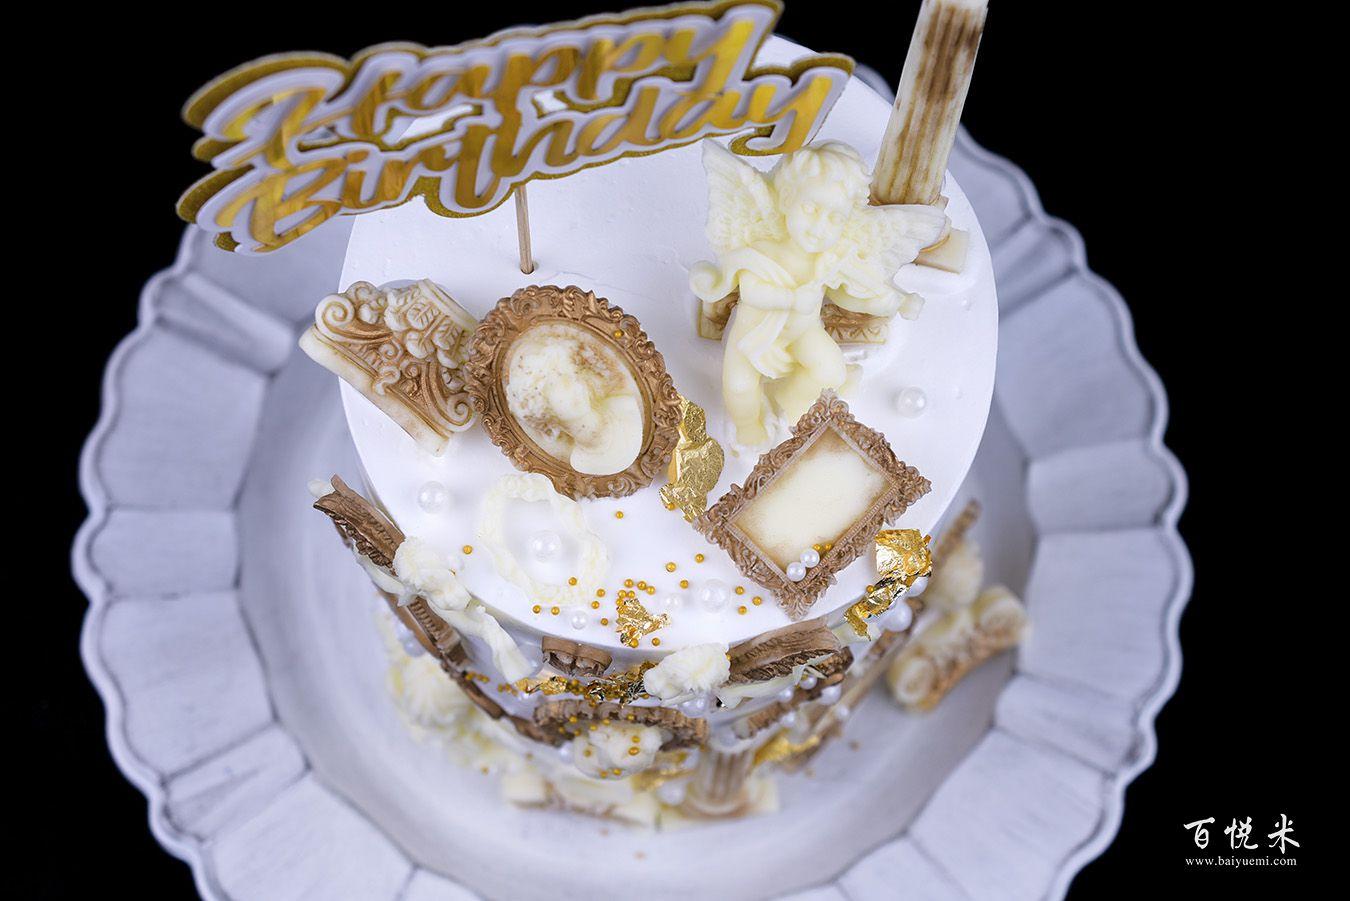 罗马天使浮雕蛋糕高清图片大全【蛋糕图片】_1069